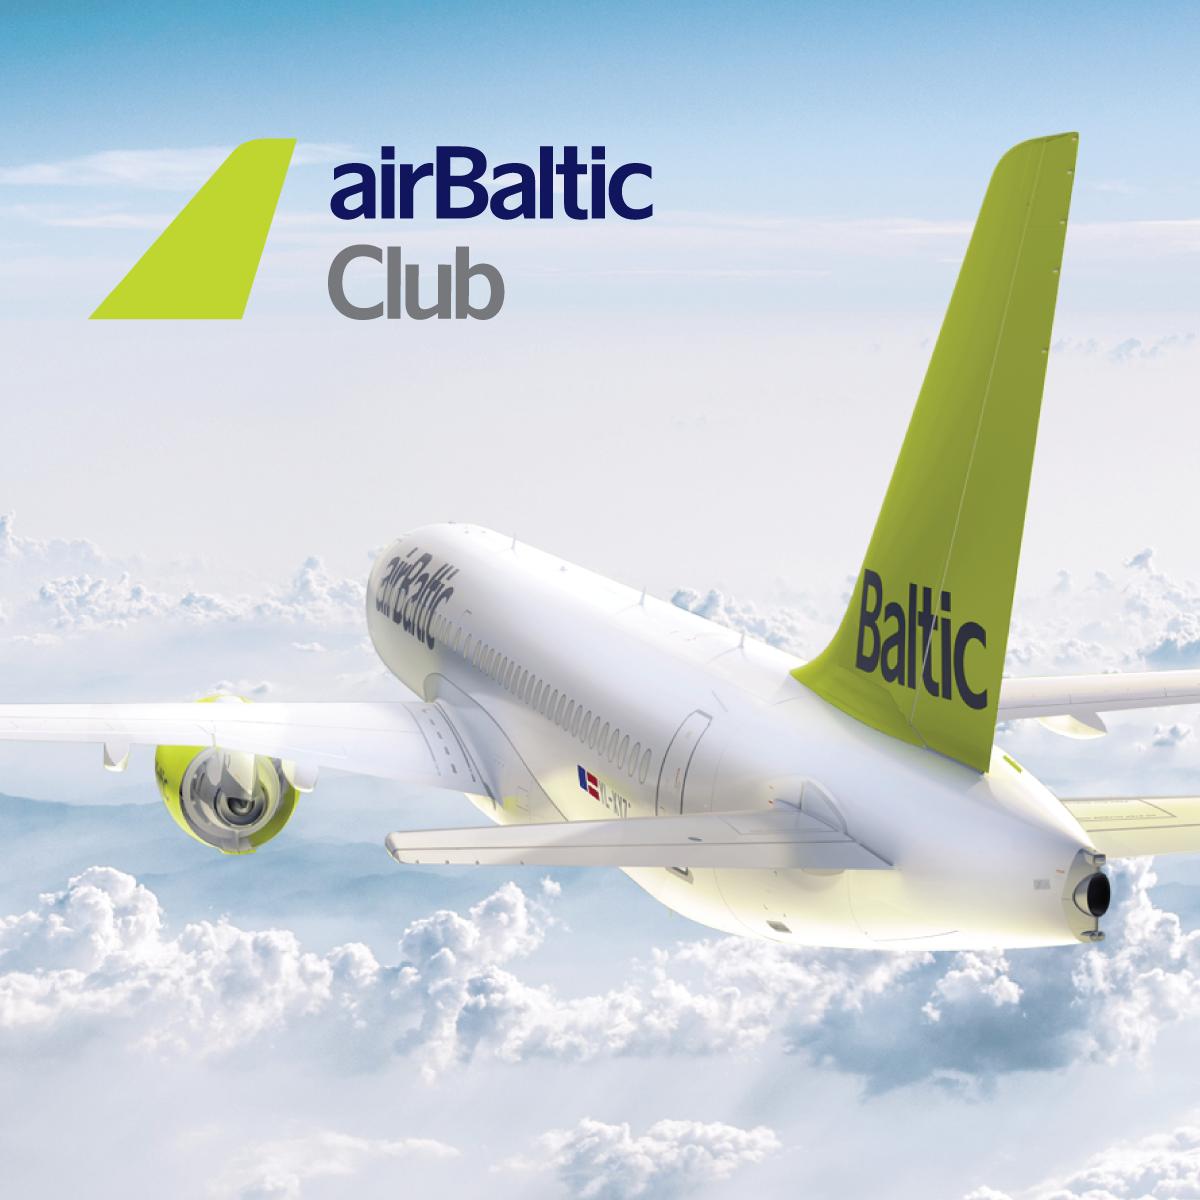 Katso airBalticin erityistarjoukset image